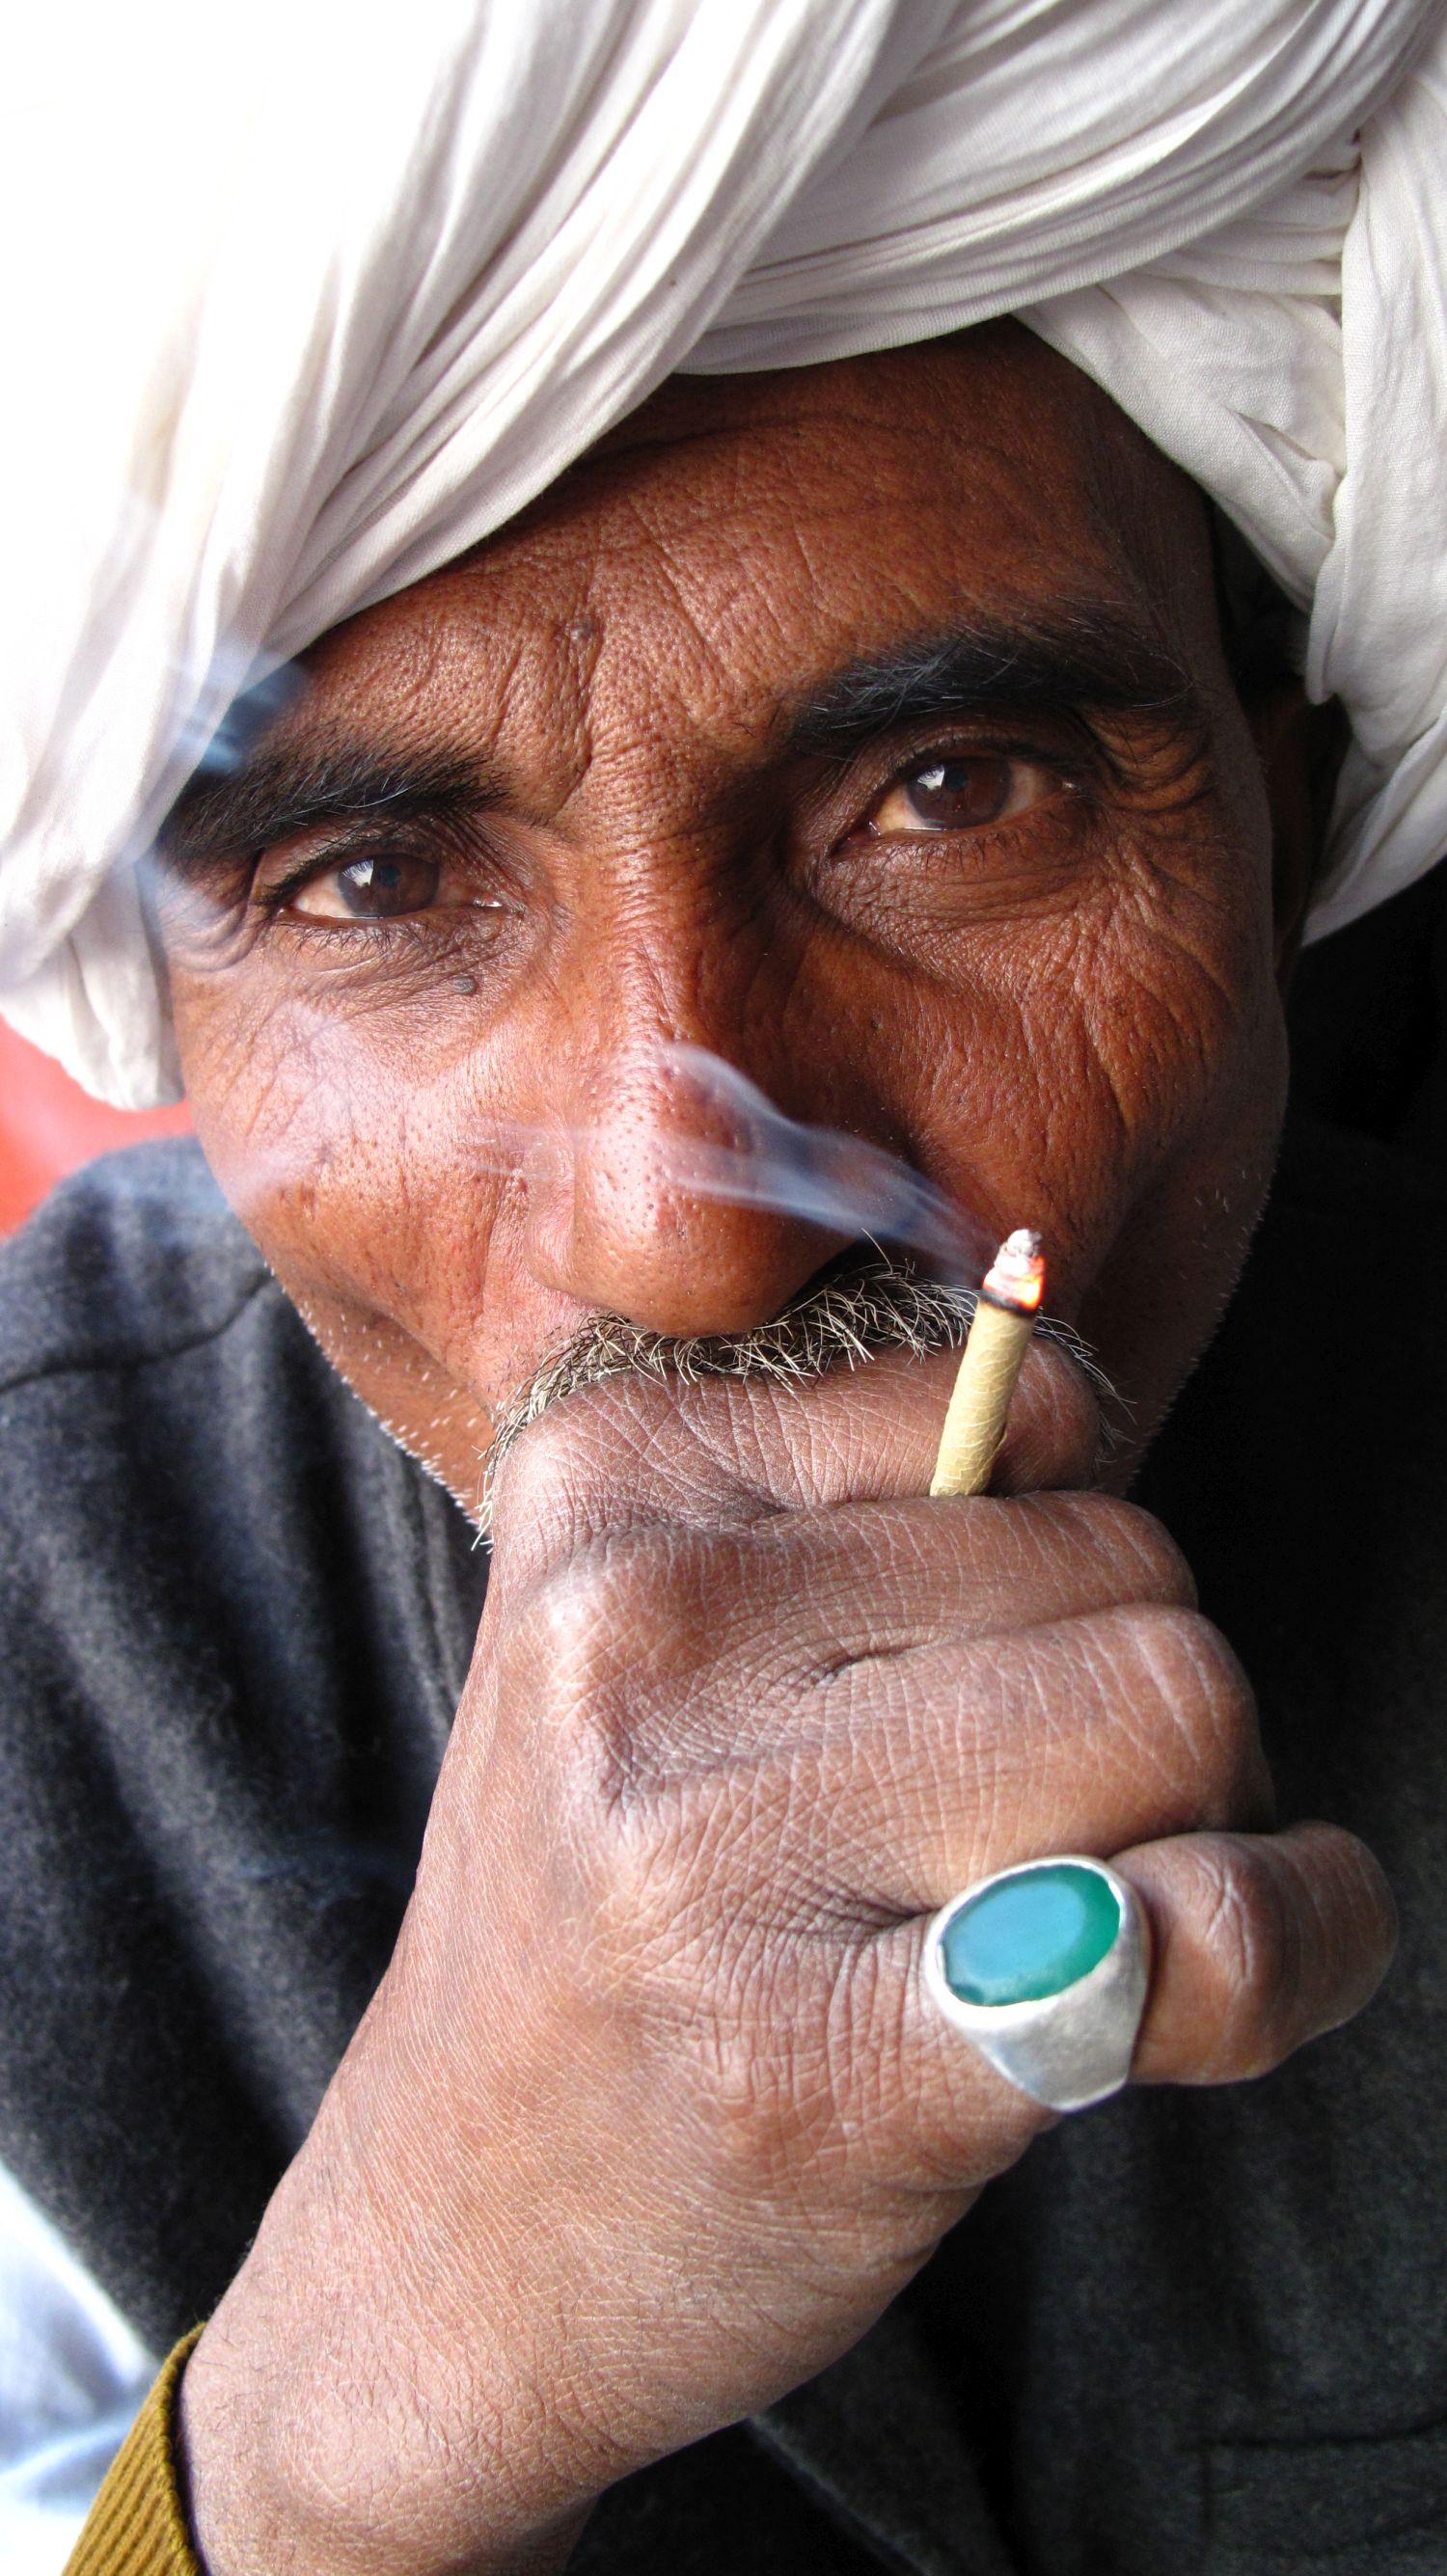 Jaipur | Pink city | Rajasthan |Rajput smoking bidi  | Portrait || Indian man smoking bidi©sandrine cohen